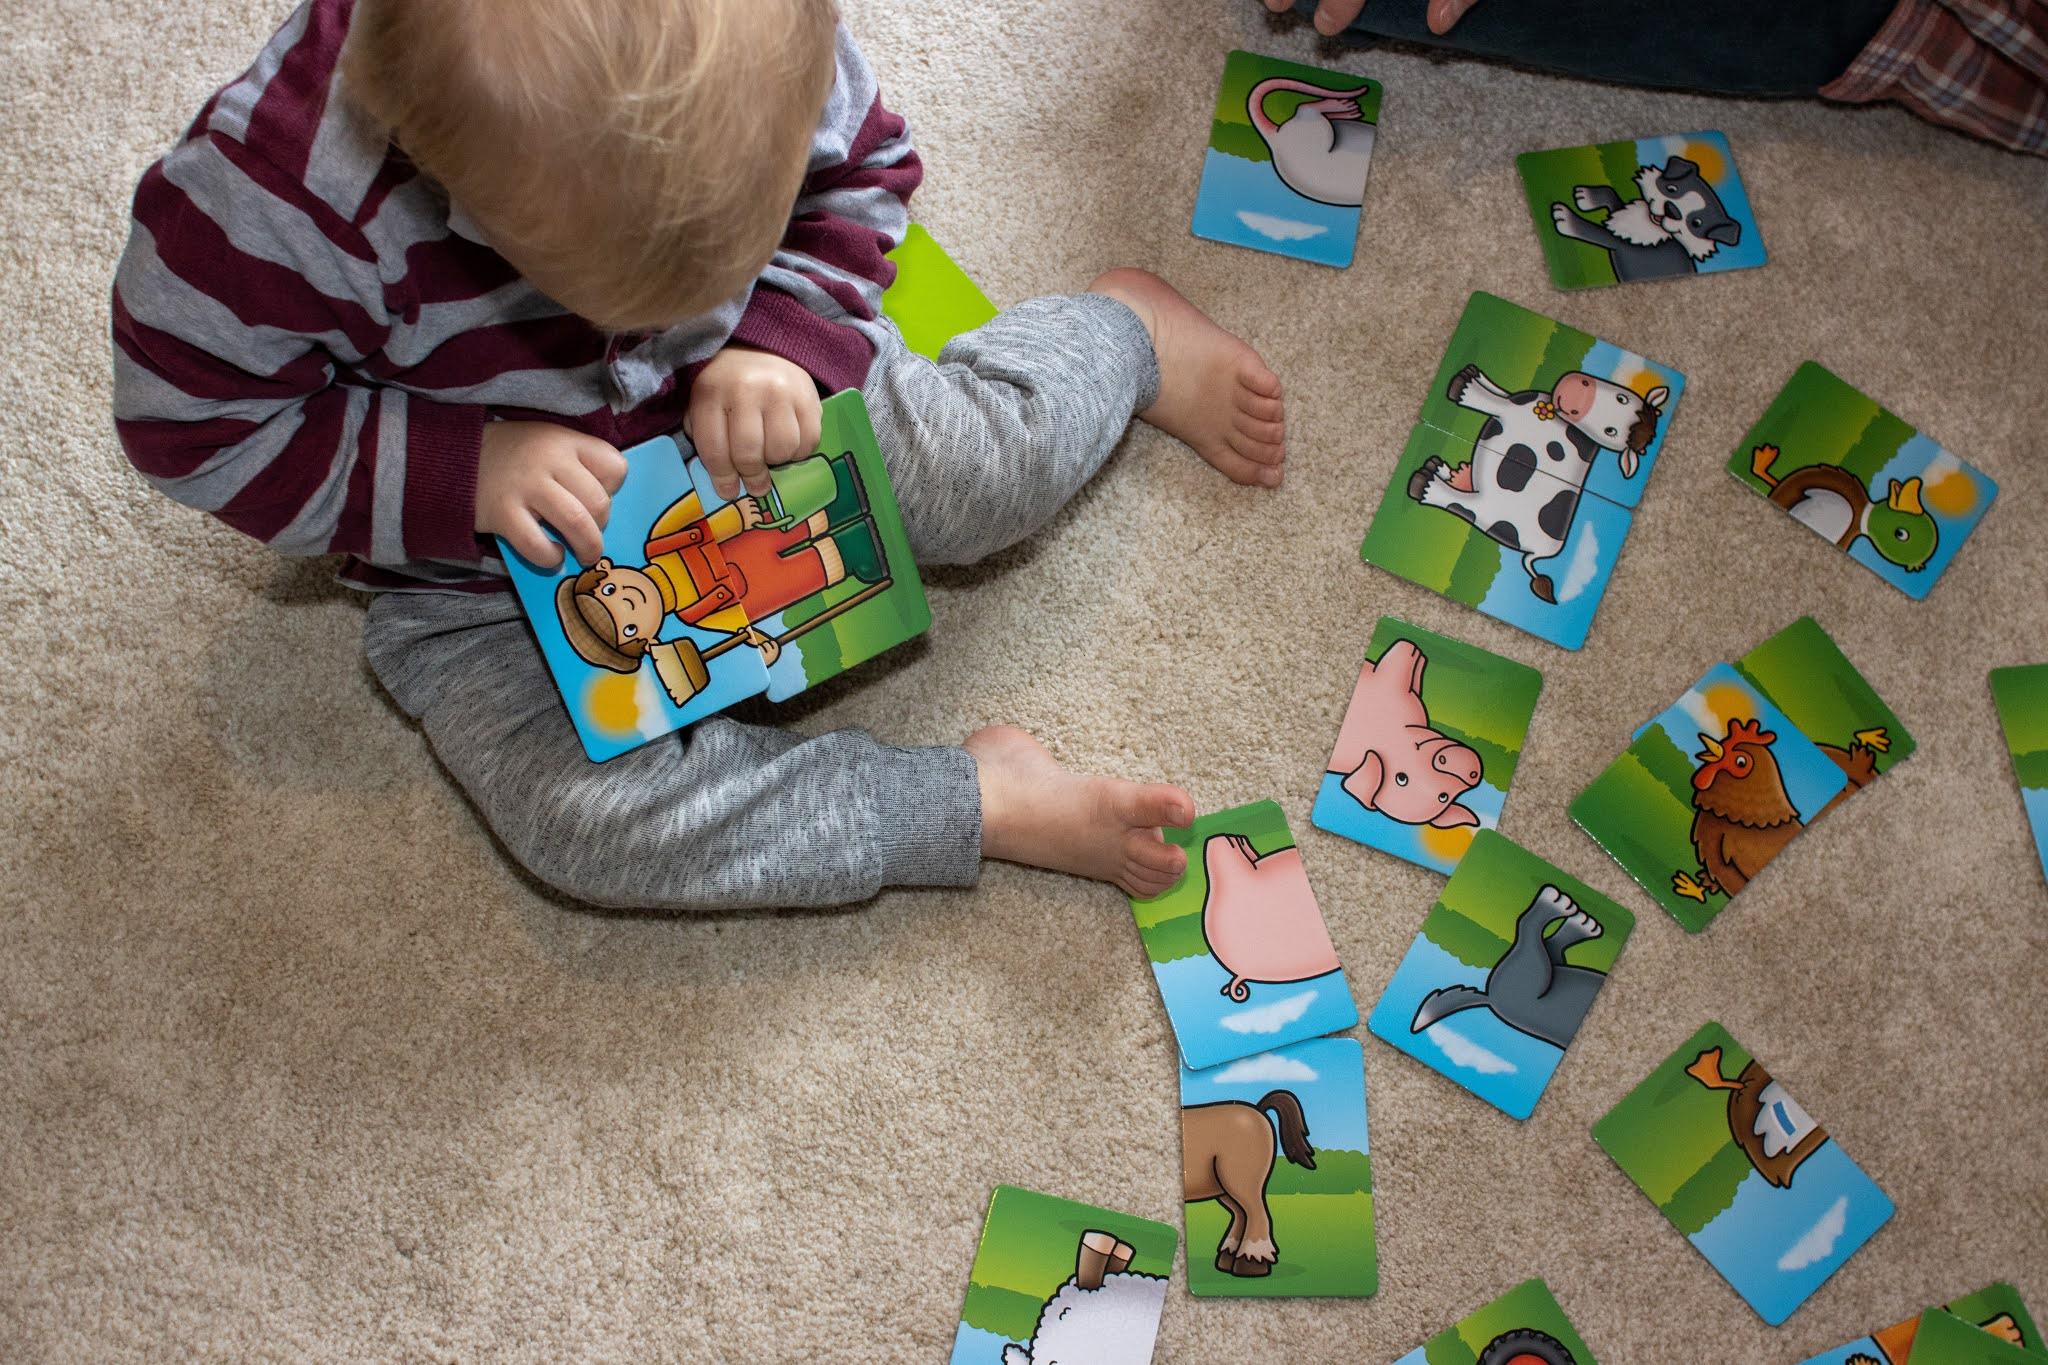 Review Good Orchard Toys For Toddlers And Preschoolers Counting To Ten Bu oyun ile çocukların dikkat, konsantrasyon, odaklanma, hafıza, eşleştirme becerilerini geliştirirken oyunu oynarken hayvanları ile ilgili genel kültür bilgileri. review good orchard toys for toddlers